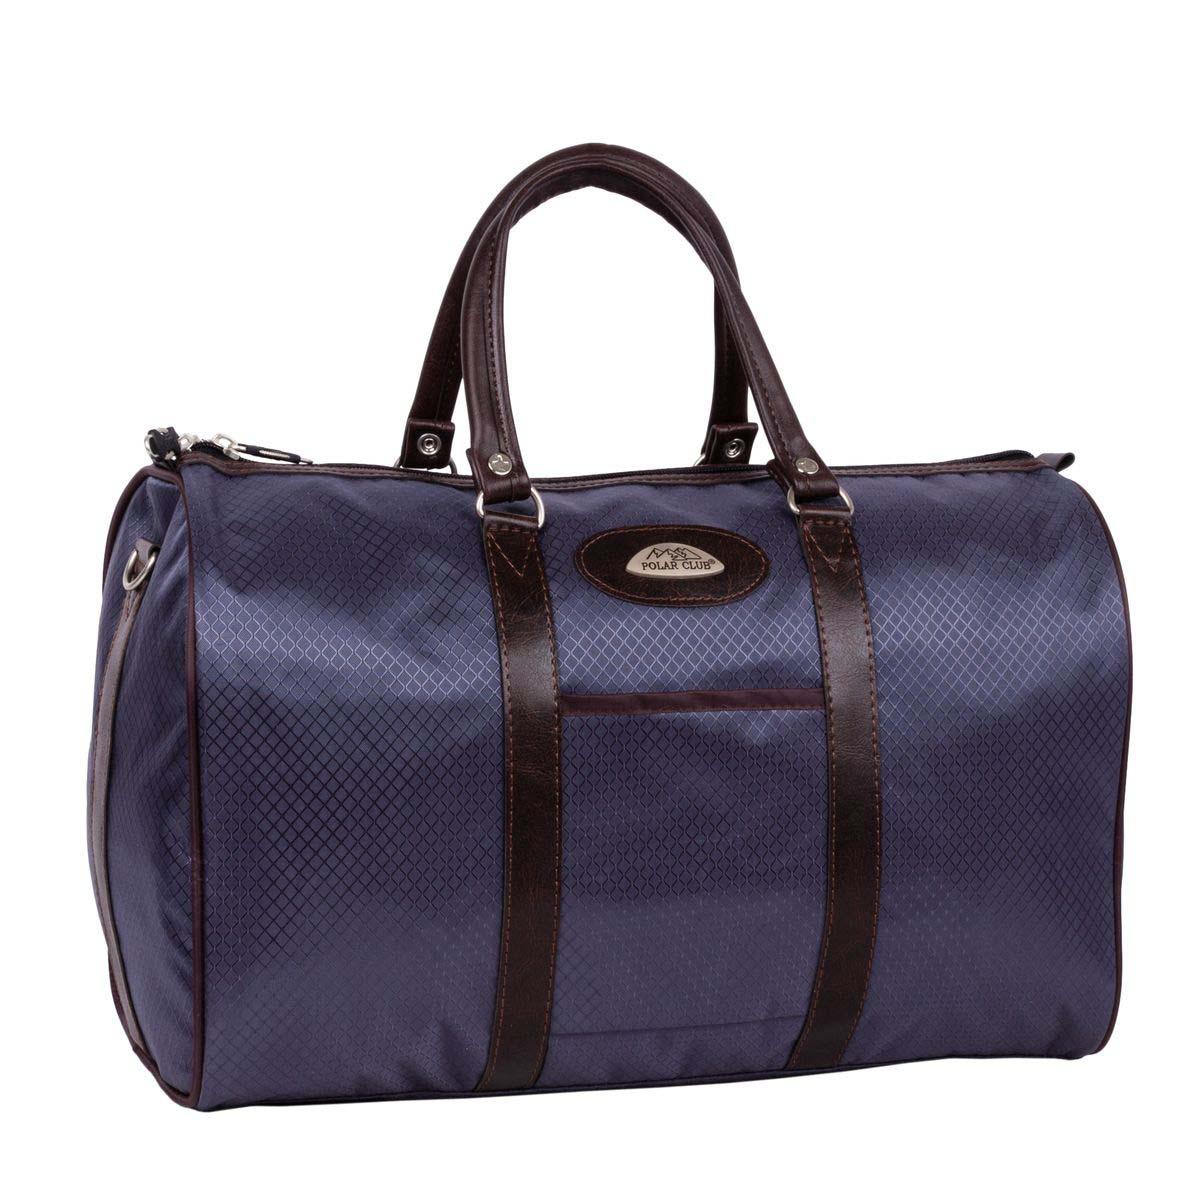 Сумка дорожная Polar, 18,5 л, цвет: синяя клетка. 6096-046096-04Небольшая вместительная дорожная сумка из полиэстера с водоотталкивающей пропиткой. Внутри дополнительный карман для документов. В комплект входит съемный плечевой ремень.